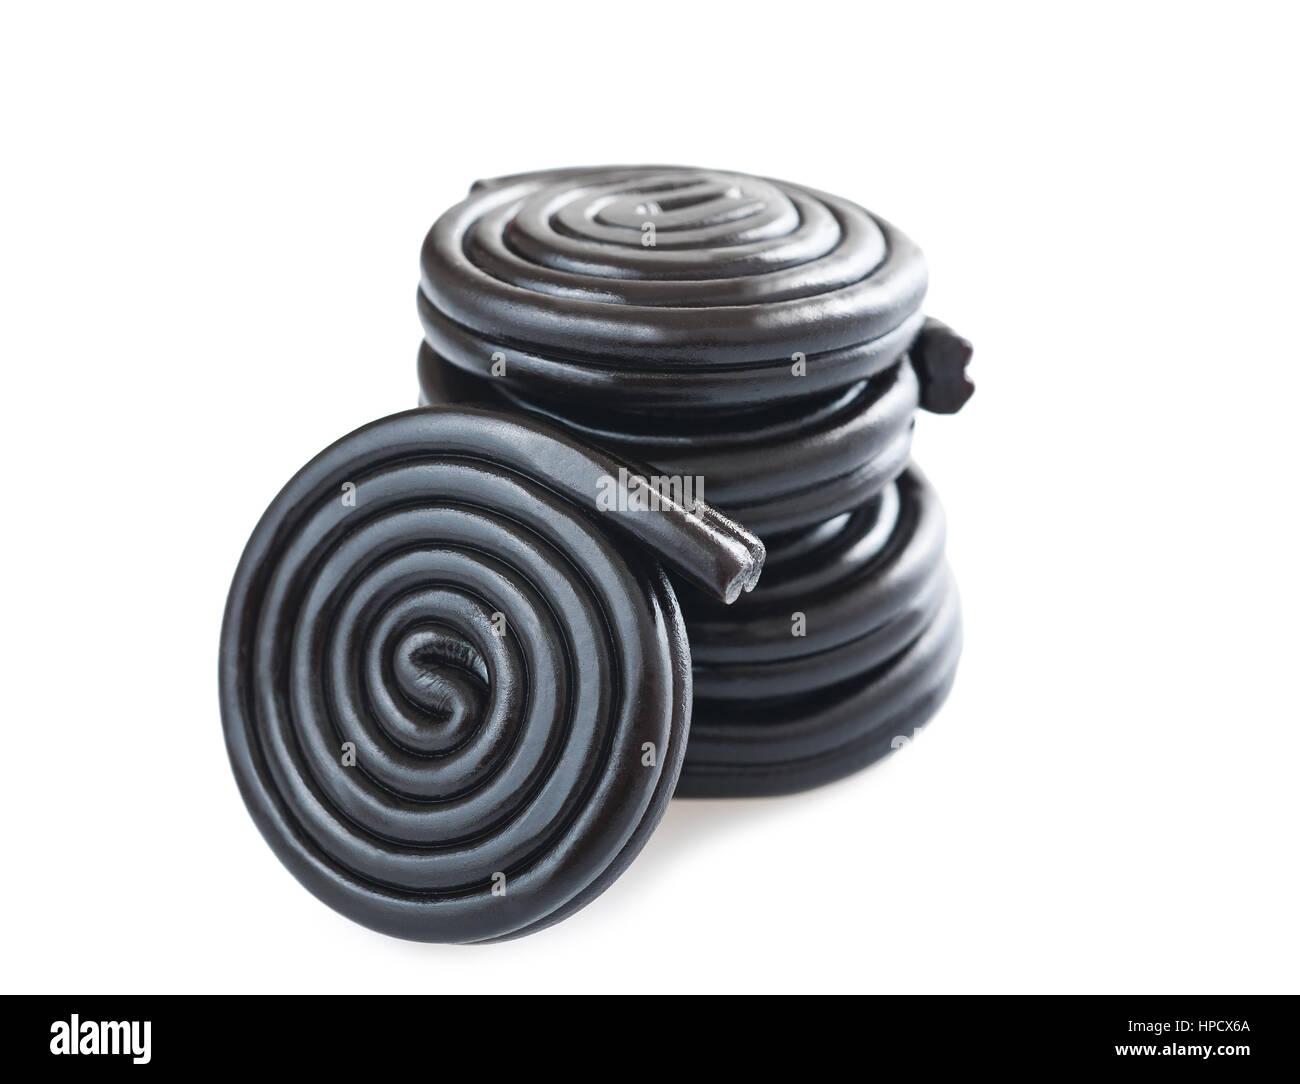 licorice wheels isolated on white - Stock Image